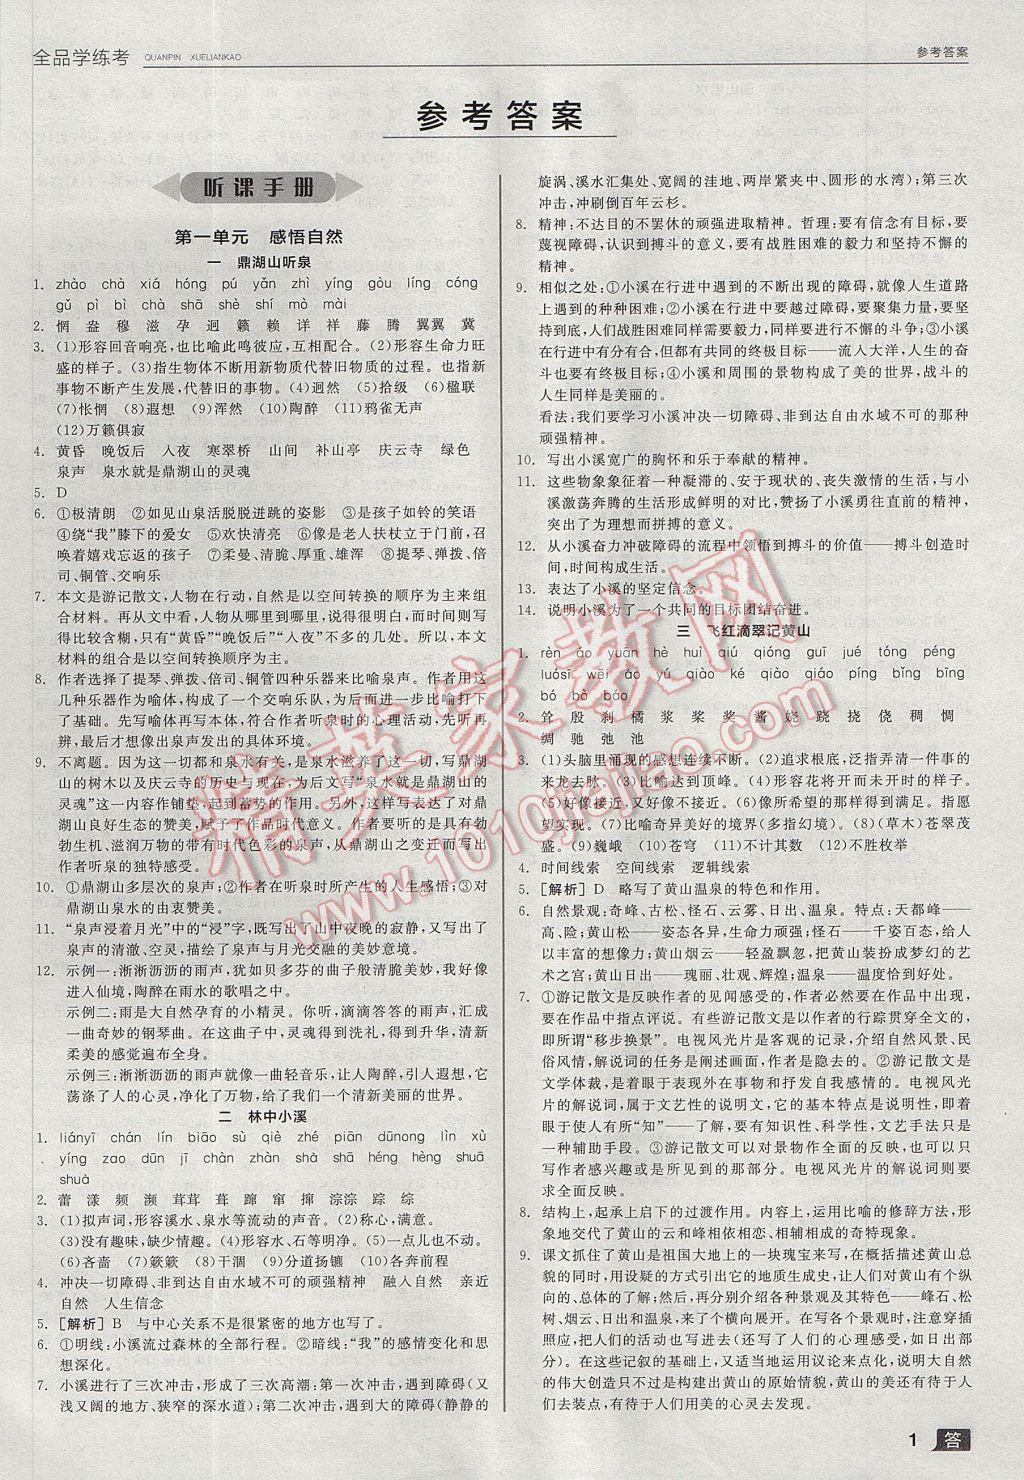 2017年全品学练考九年级语文上册苏教版参考答案第1页